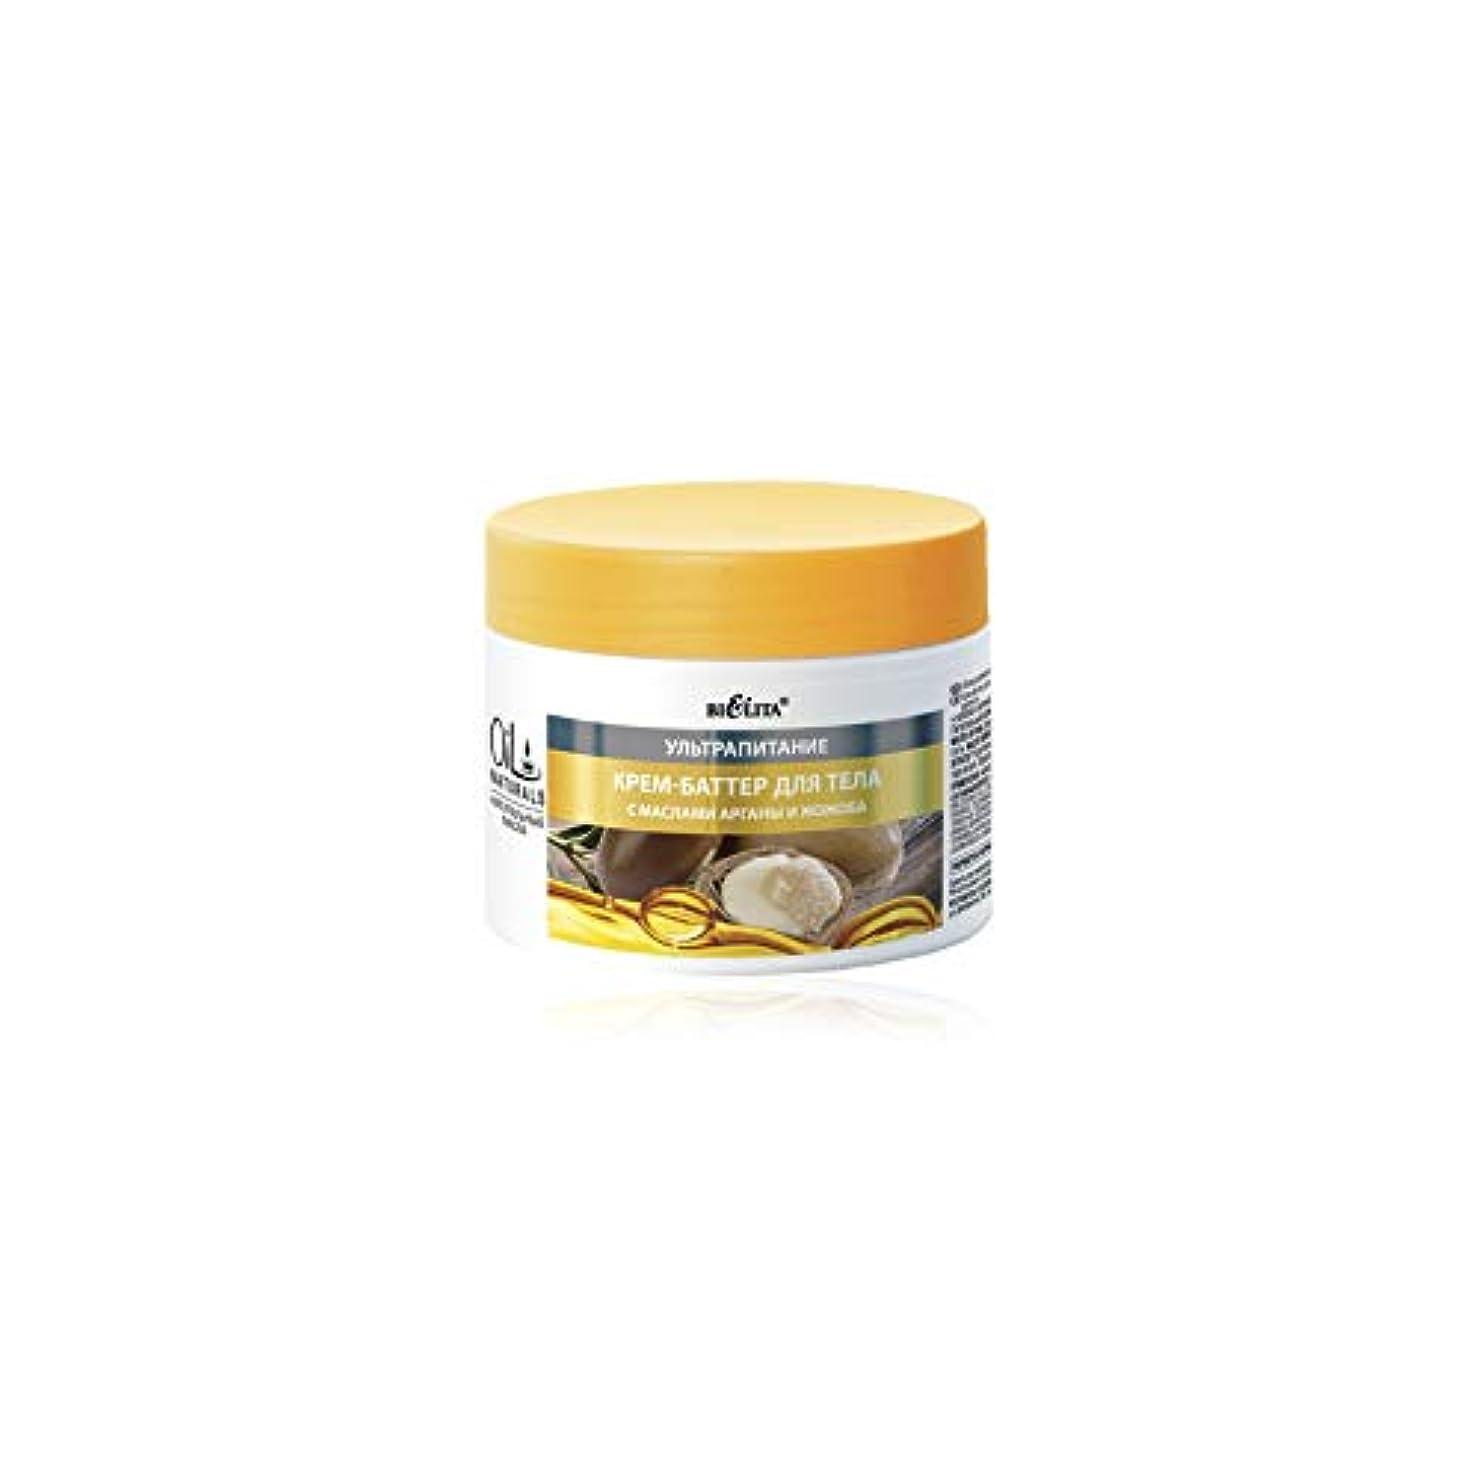 保護メモランクBielita & Vitex Oil Naturals Line | Ultra Nourishing Body Butter-Cream for Dry and Sensitive Skin, 300 ml | Argan...